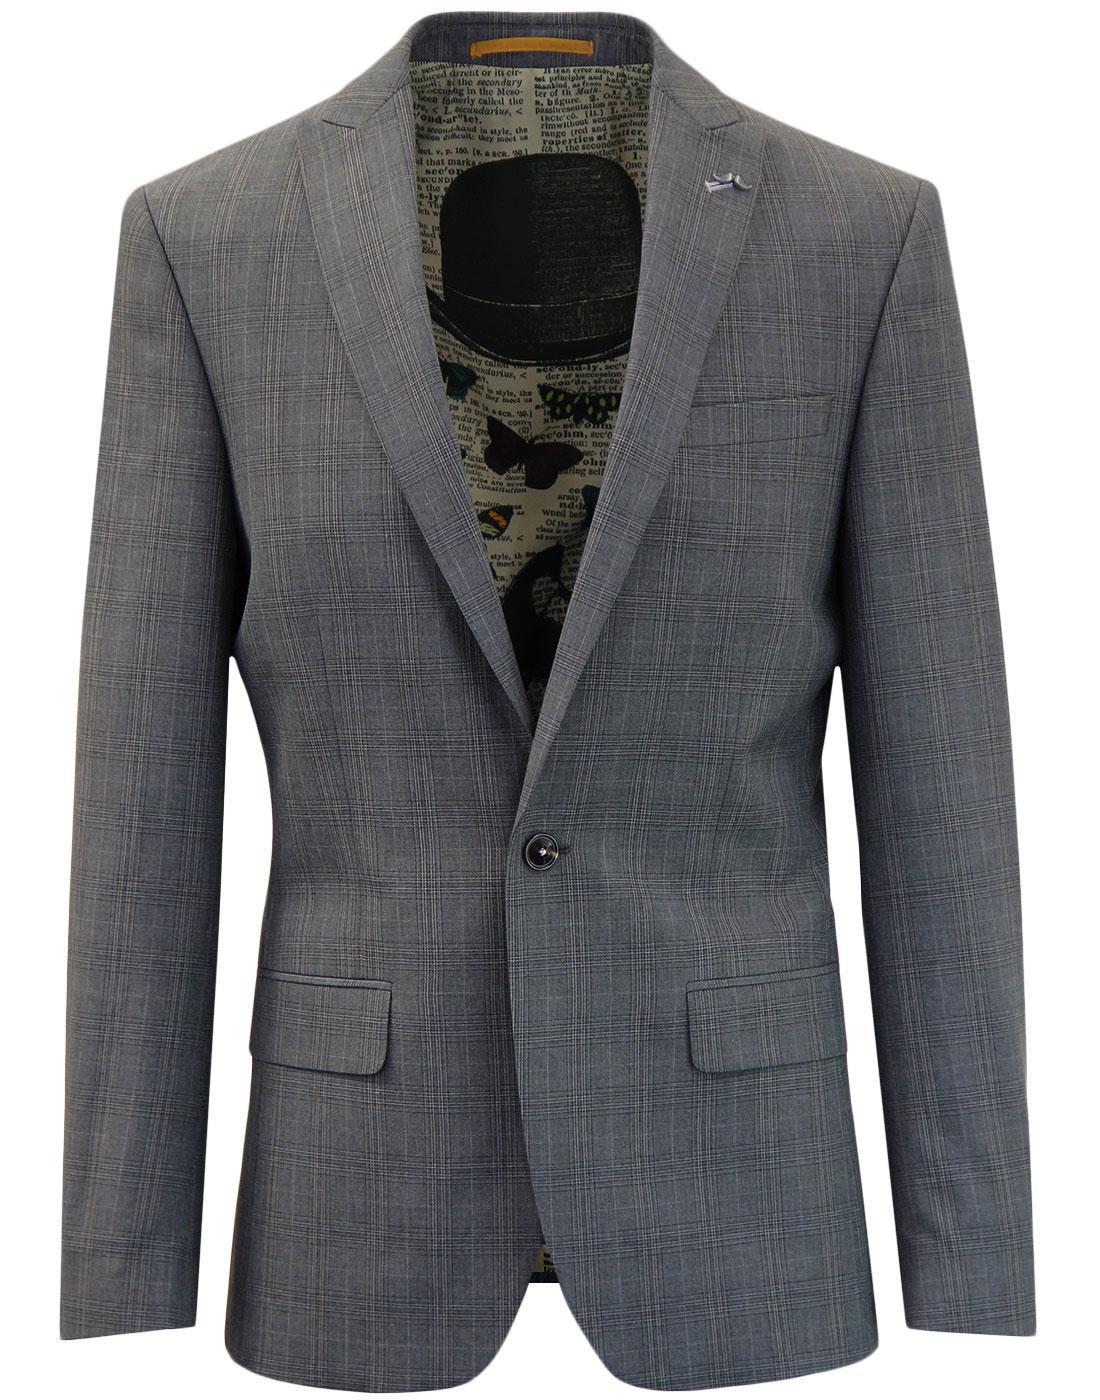 ANTIQUE ROGUE 1 Button POW Check Suit Jacket GREY